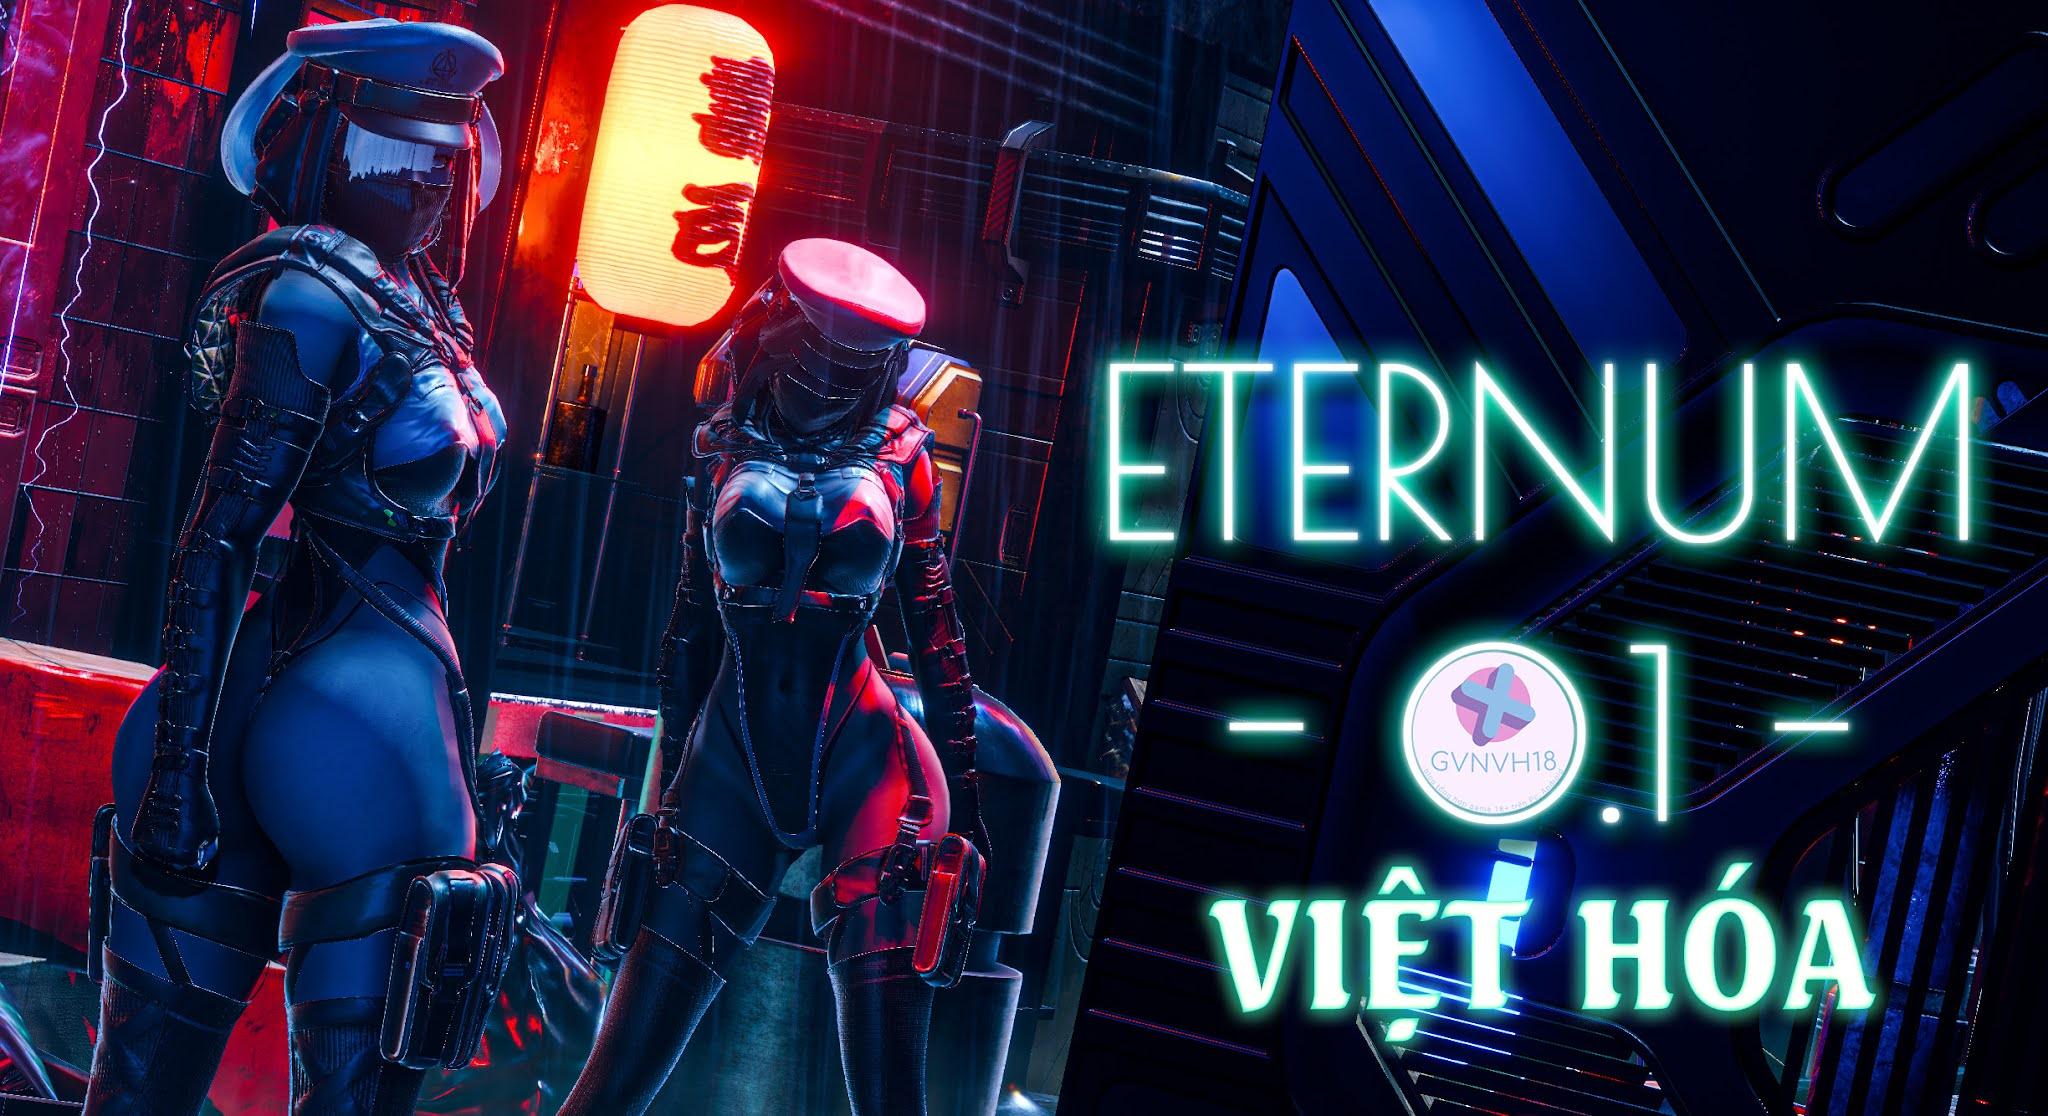 [18+ Việt Hóa] Eternum - Khám Phá Thế Giới Thực Tế Ảo Tuyệt Diệu Cùng Với Mấy Em Gái Xinh Đẹp   Android, PC